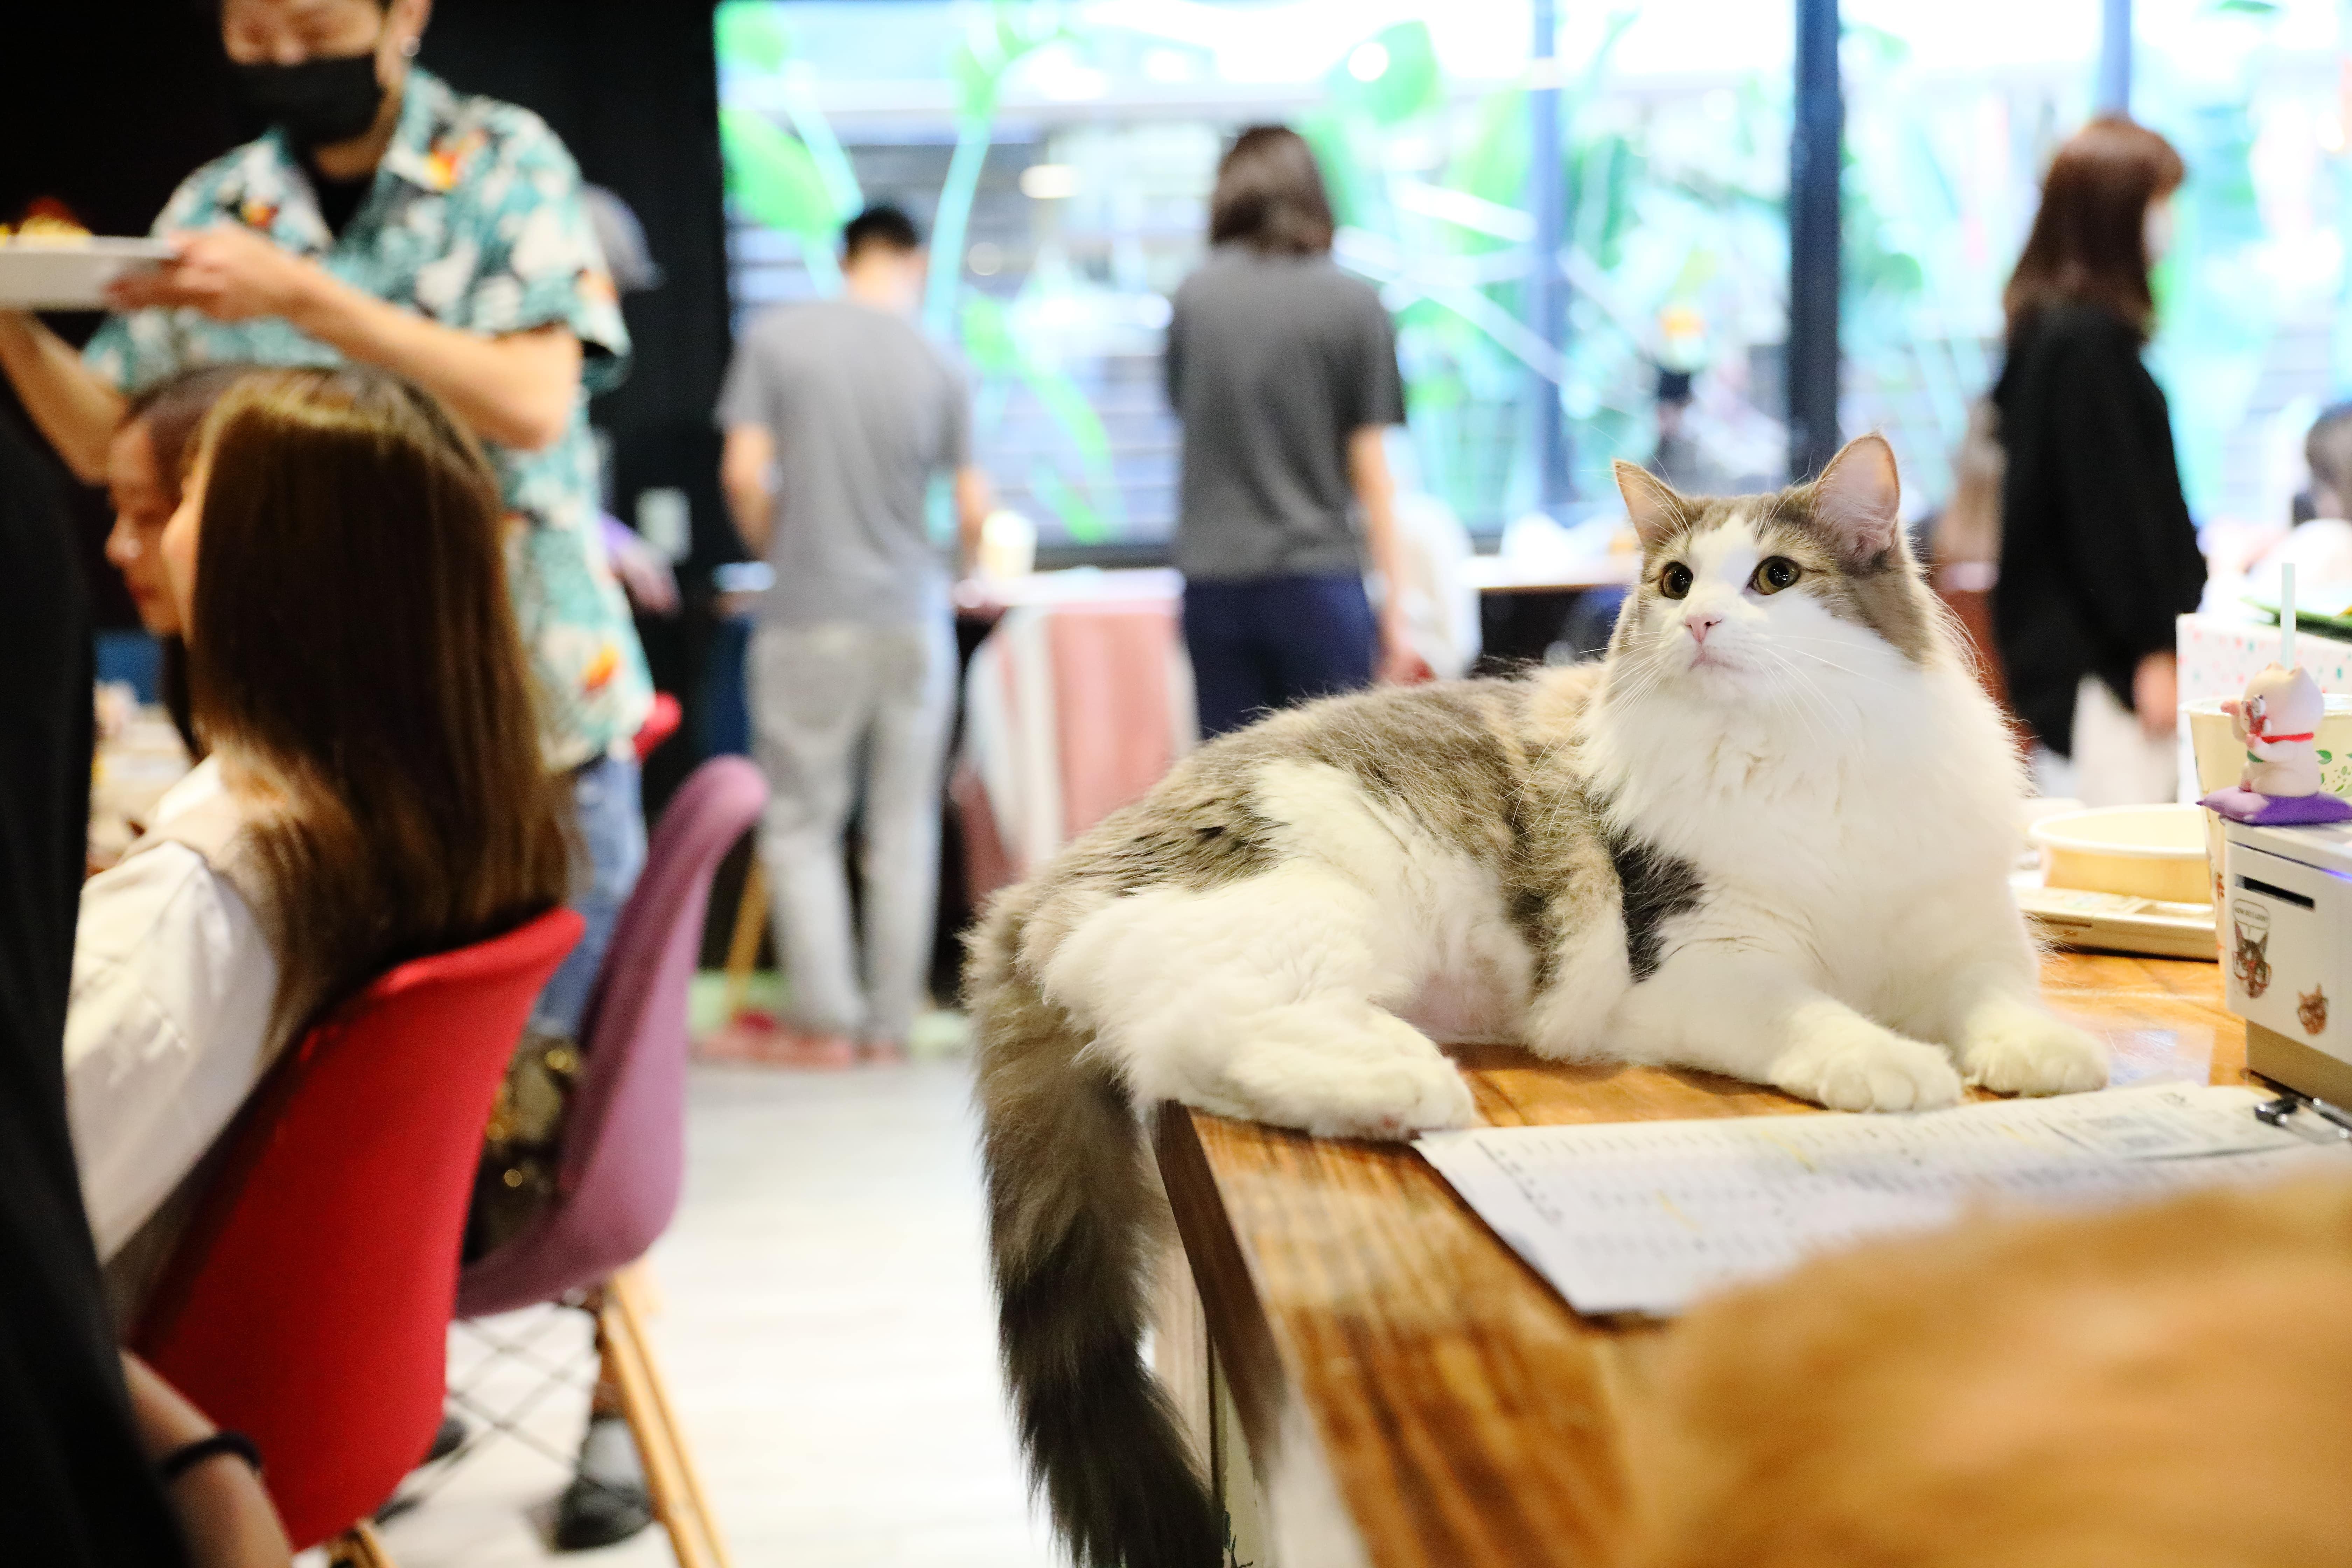 在肉球森林隨處可見貓咪們在店裡自由穿梭,不時可以看到他們躍上跳台休息,或是四處撒嬌玩耍